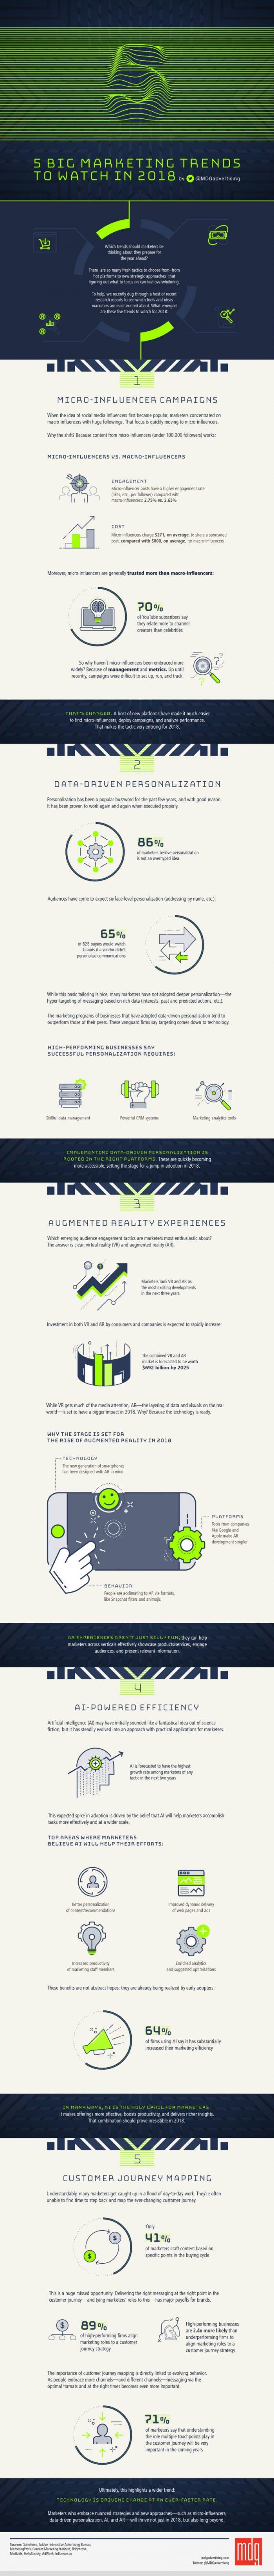 Studiile identifica 5 noi tendinte de marketing pentru afacerile mici (infografic)